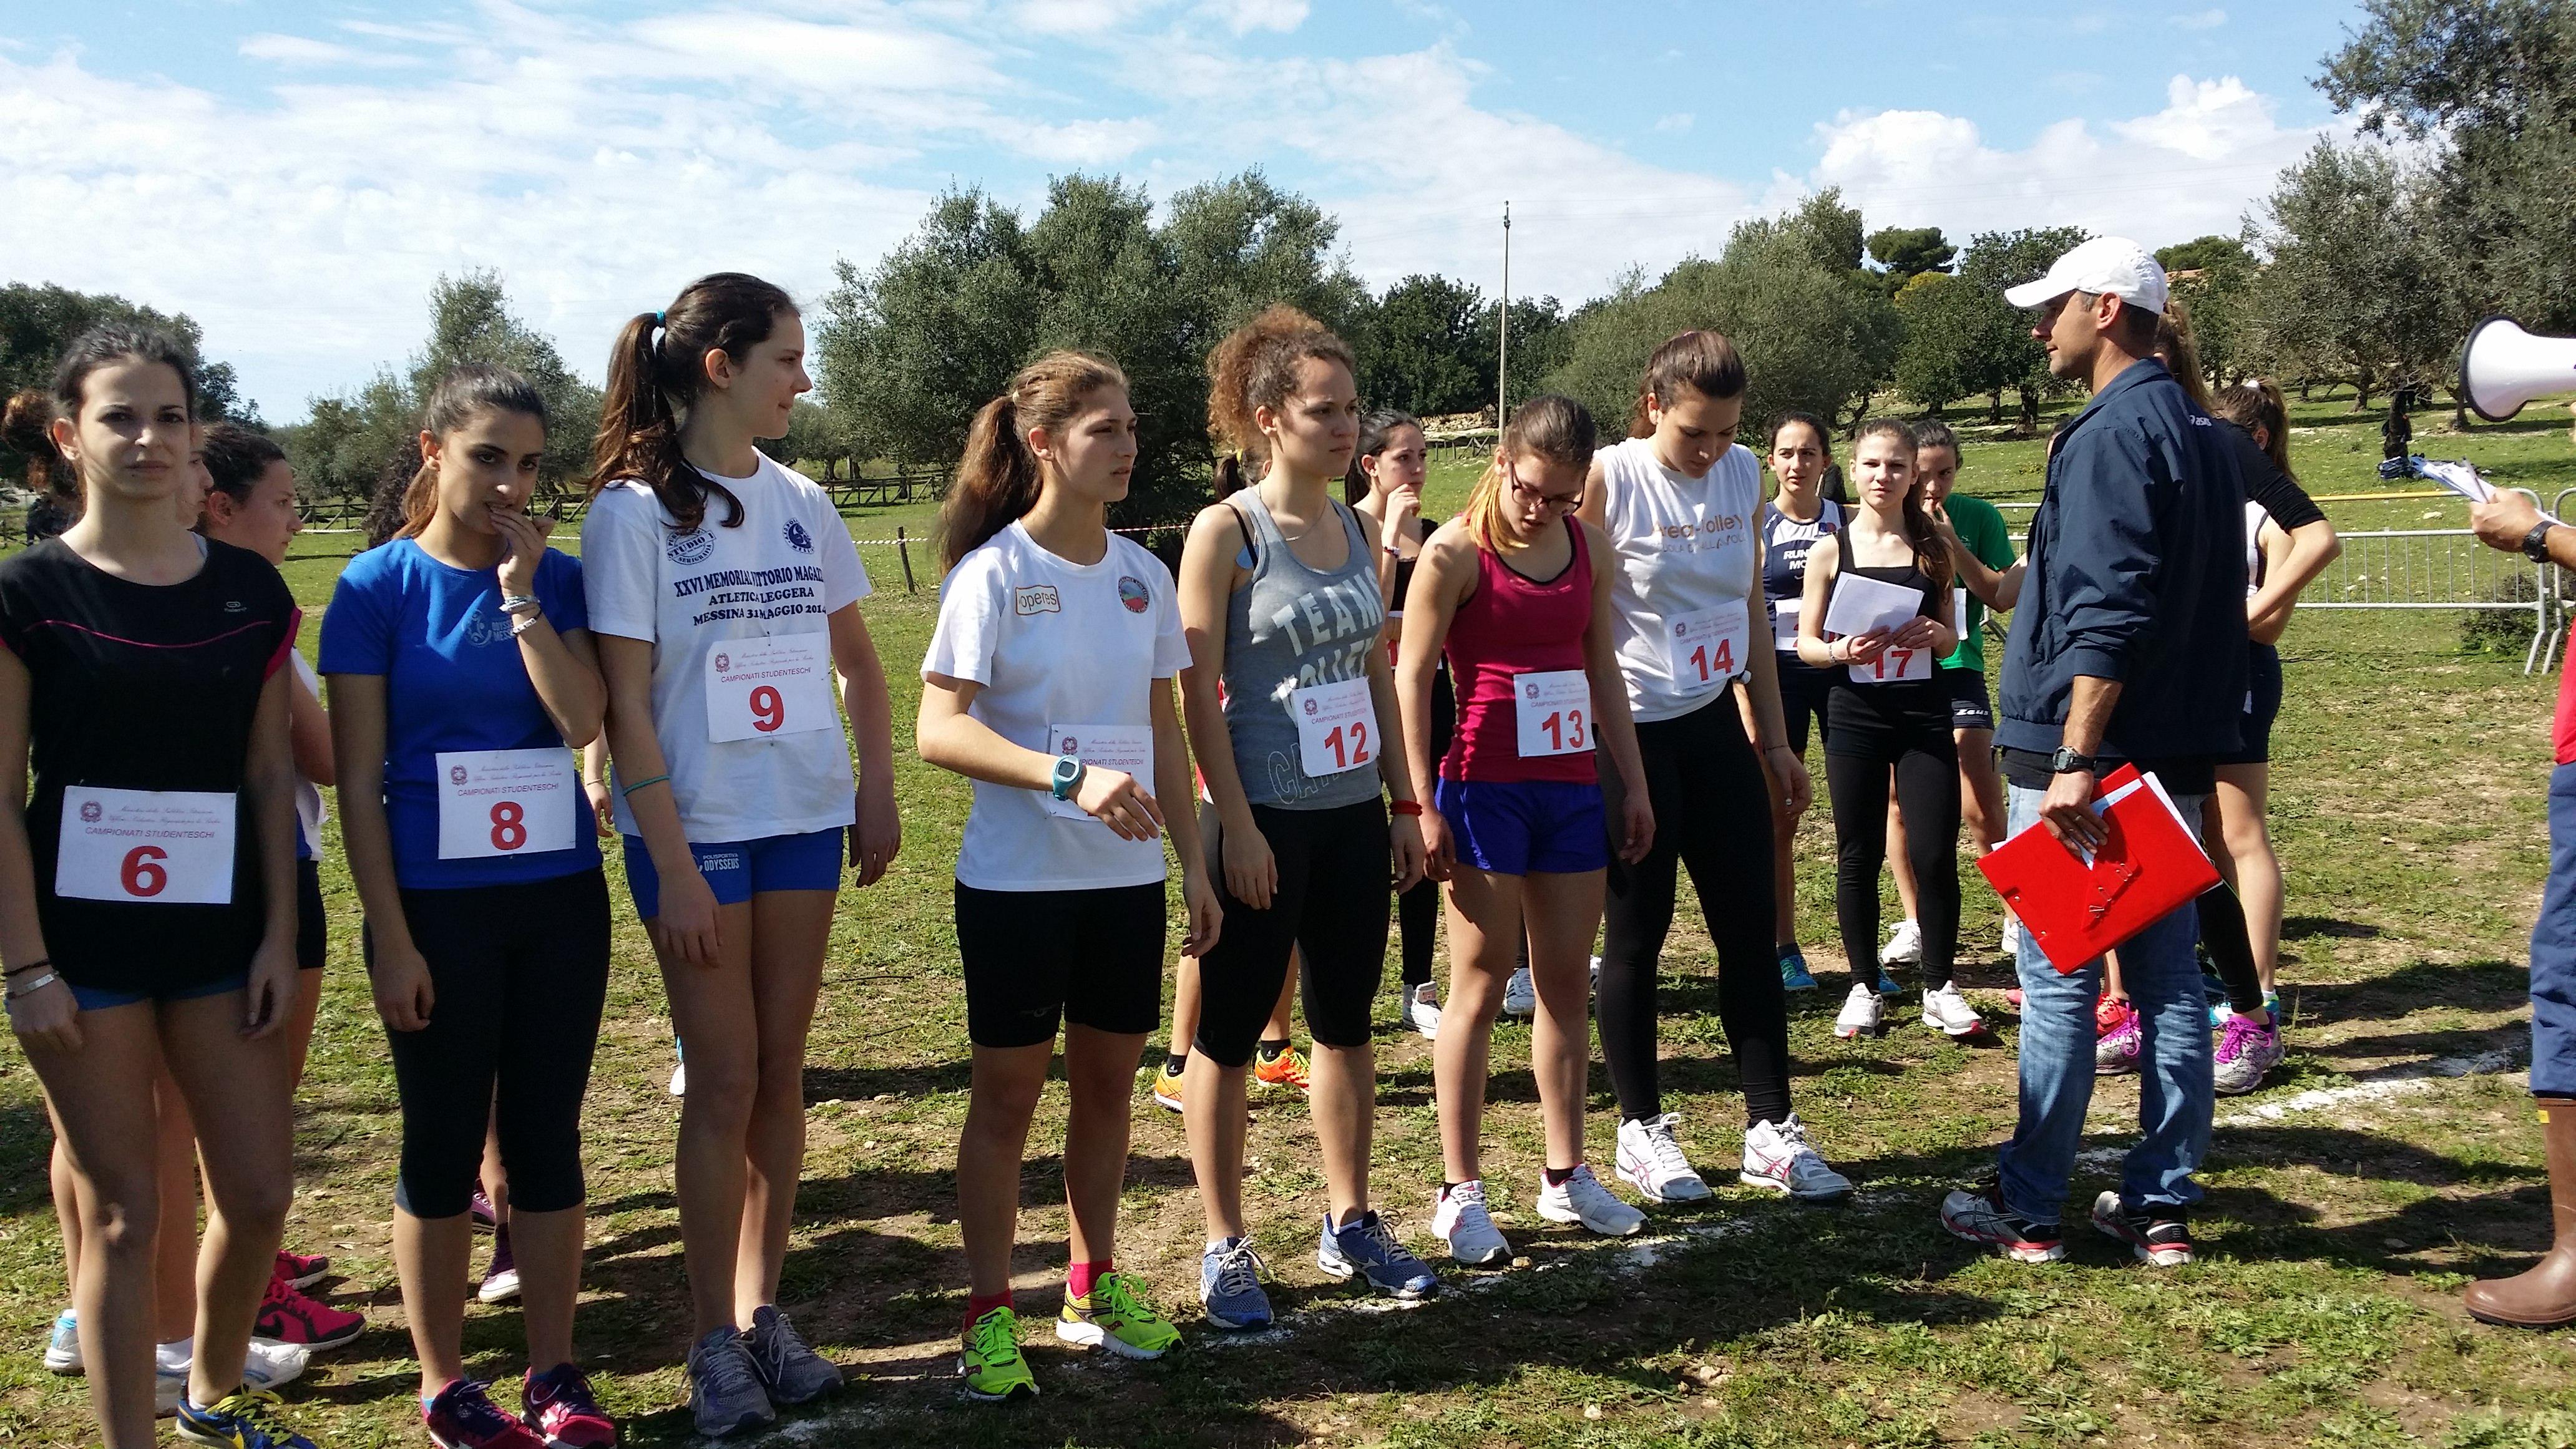 Campionati studenteschi di corsa campestre7